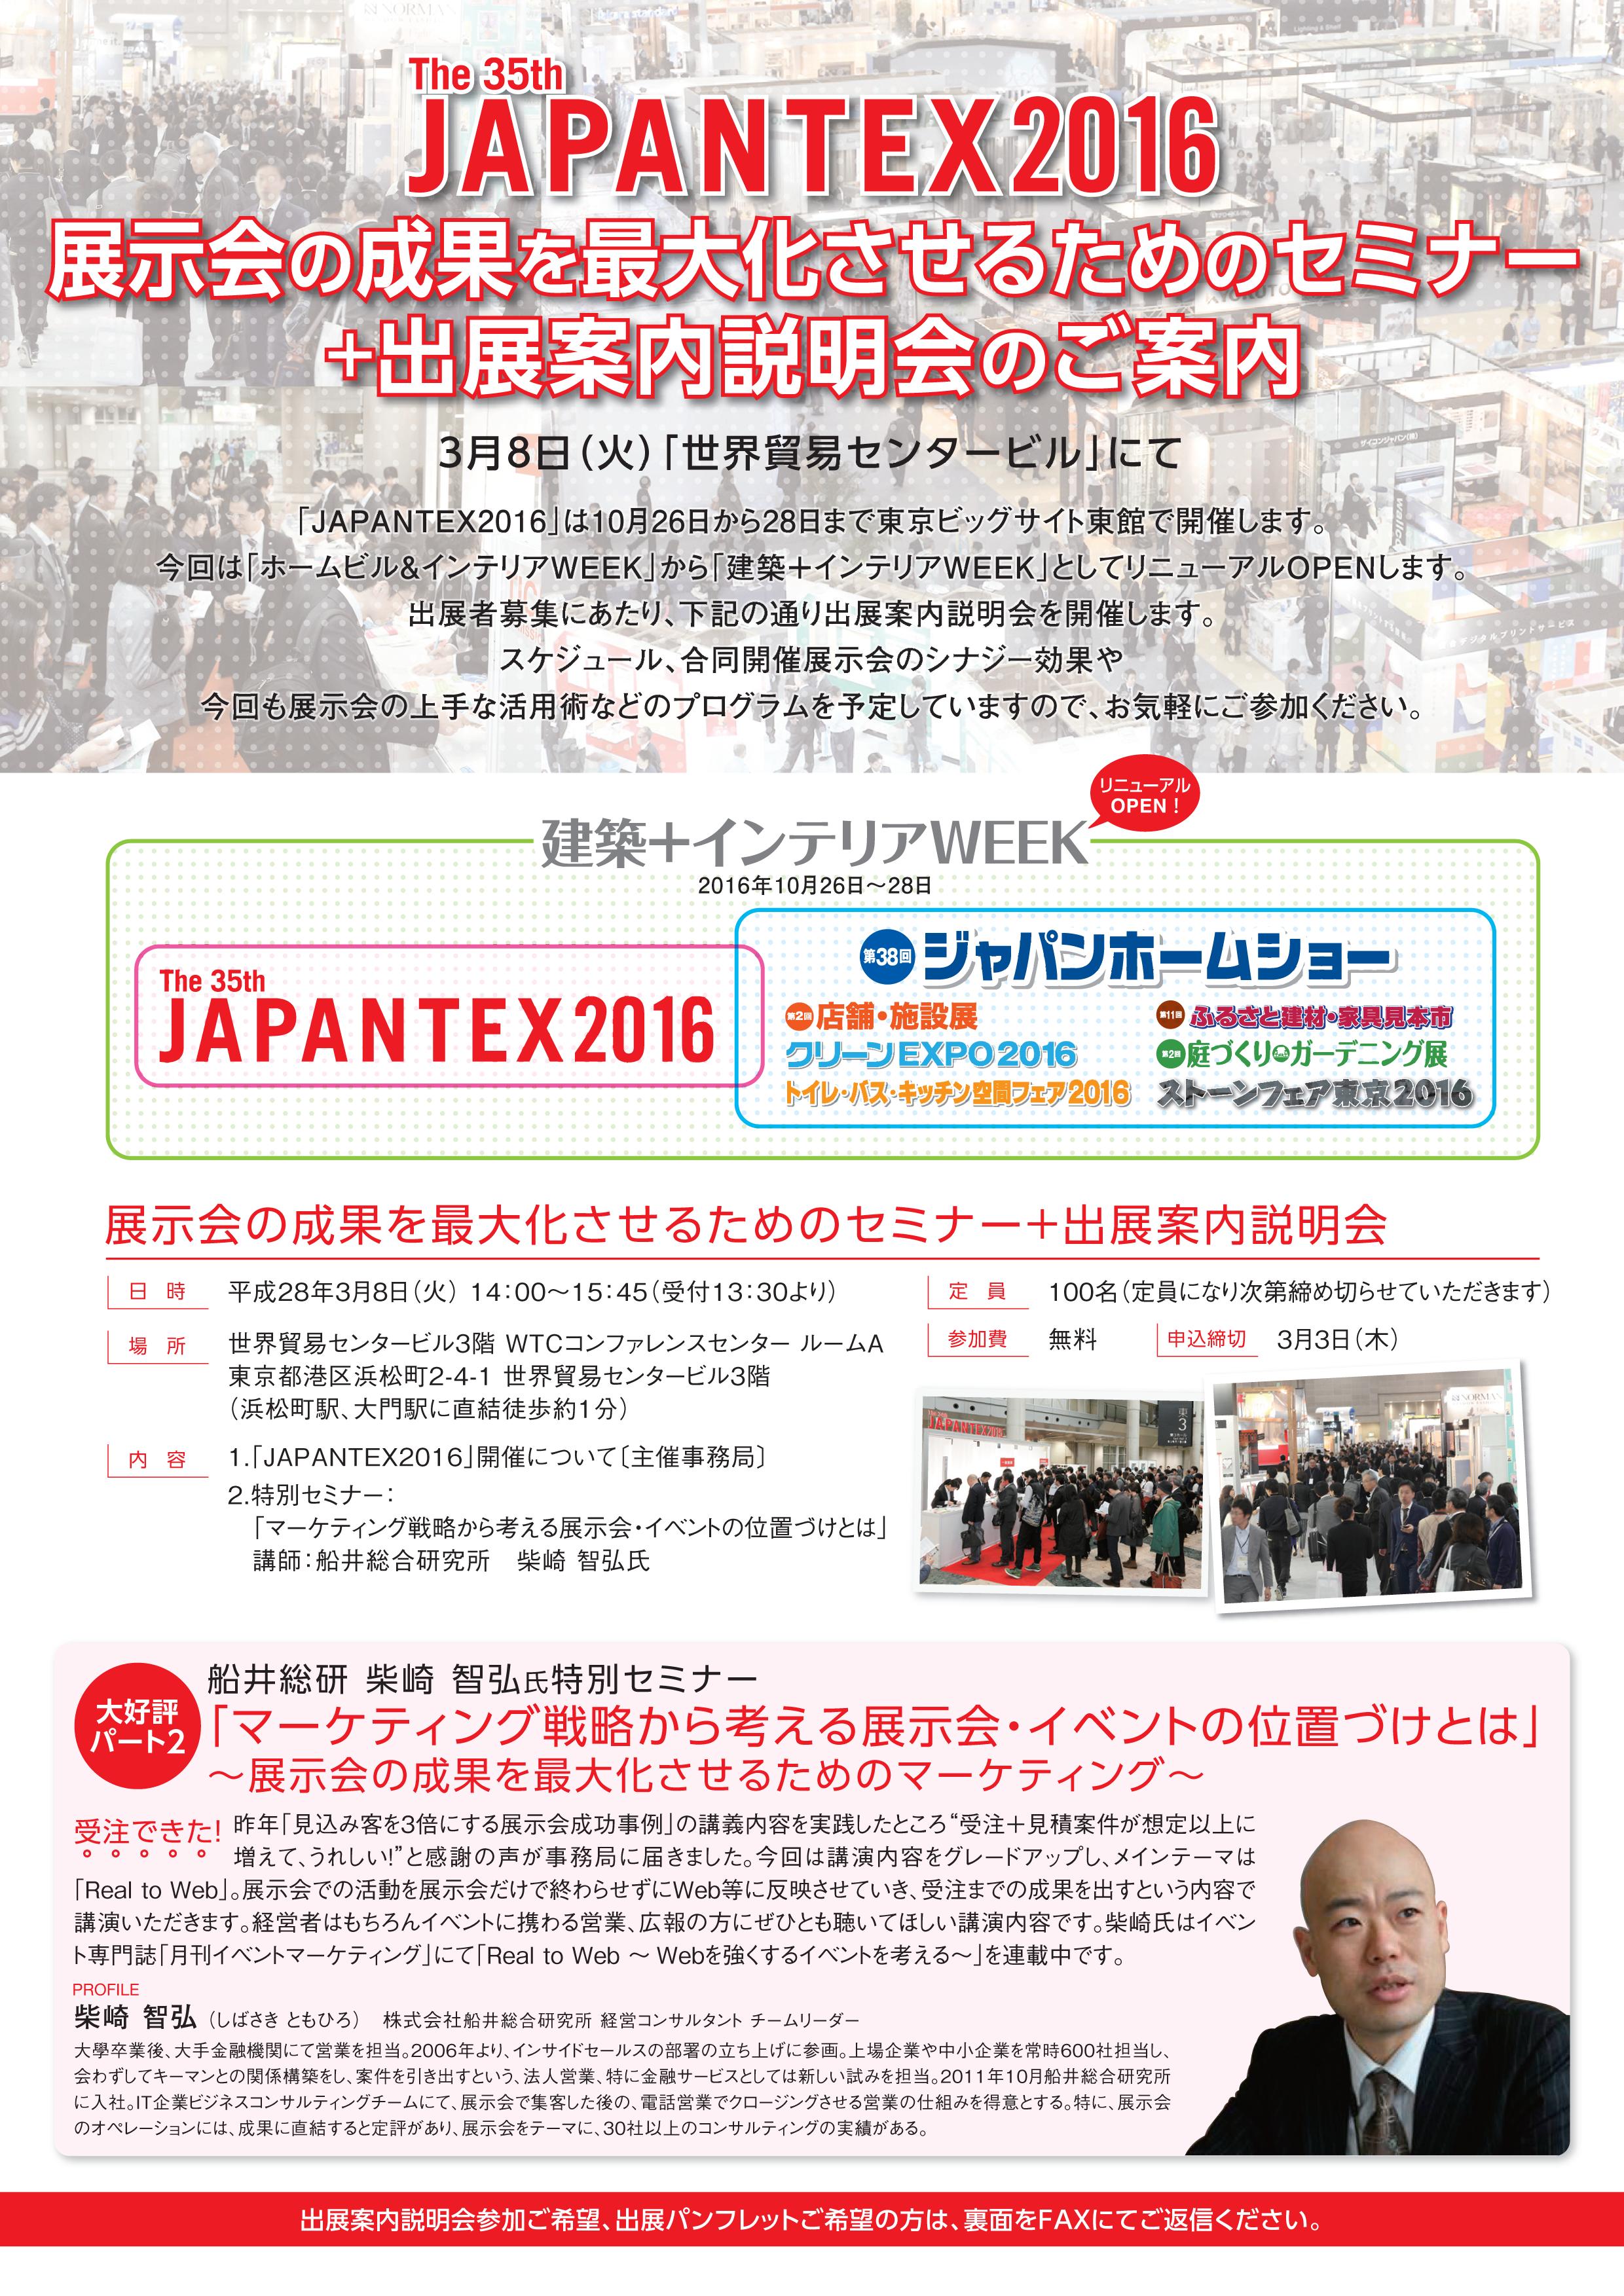 JAPANTEX 2016 出展案内説明会のご案内